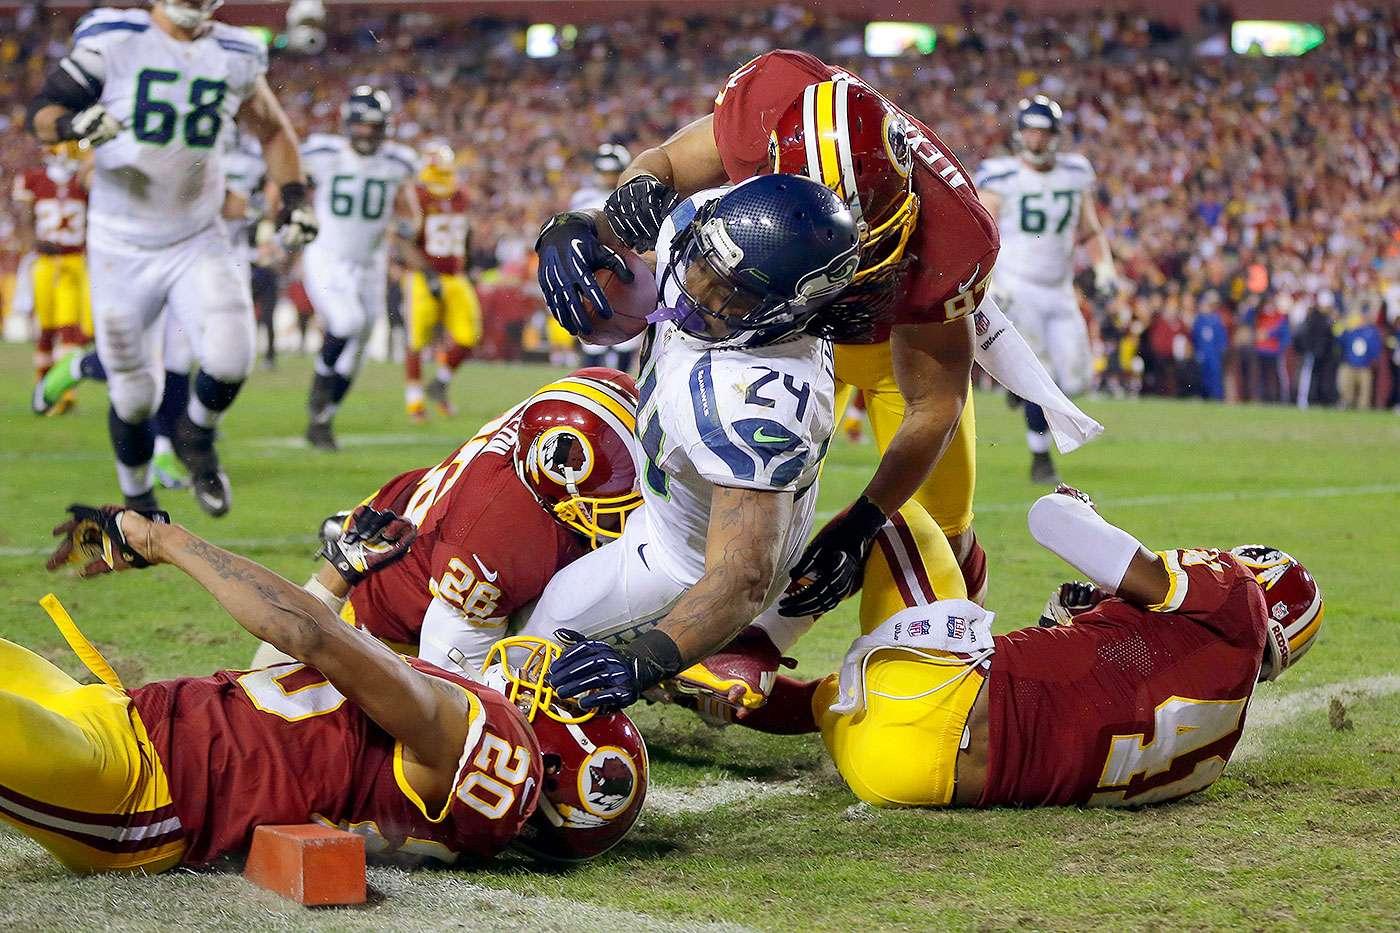 Juegos de la Semana 5 de la NFL 2014. Seattle Seahawks vs. Washington Redskins (Lunes por la noche). Kirk Cousins no es la solución para los Redskins como QB titular y ante Richard Sherman y la dura defensiva de los Seahawks lo volverá a demostrar. Los campeones de la NFL deberán ganar el partido por más de 10 puntos. Foto: AP